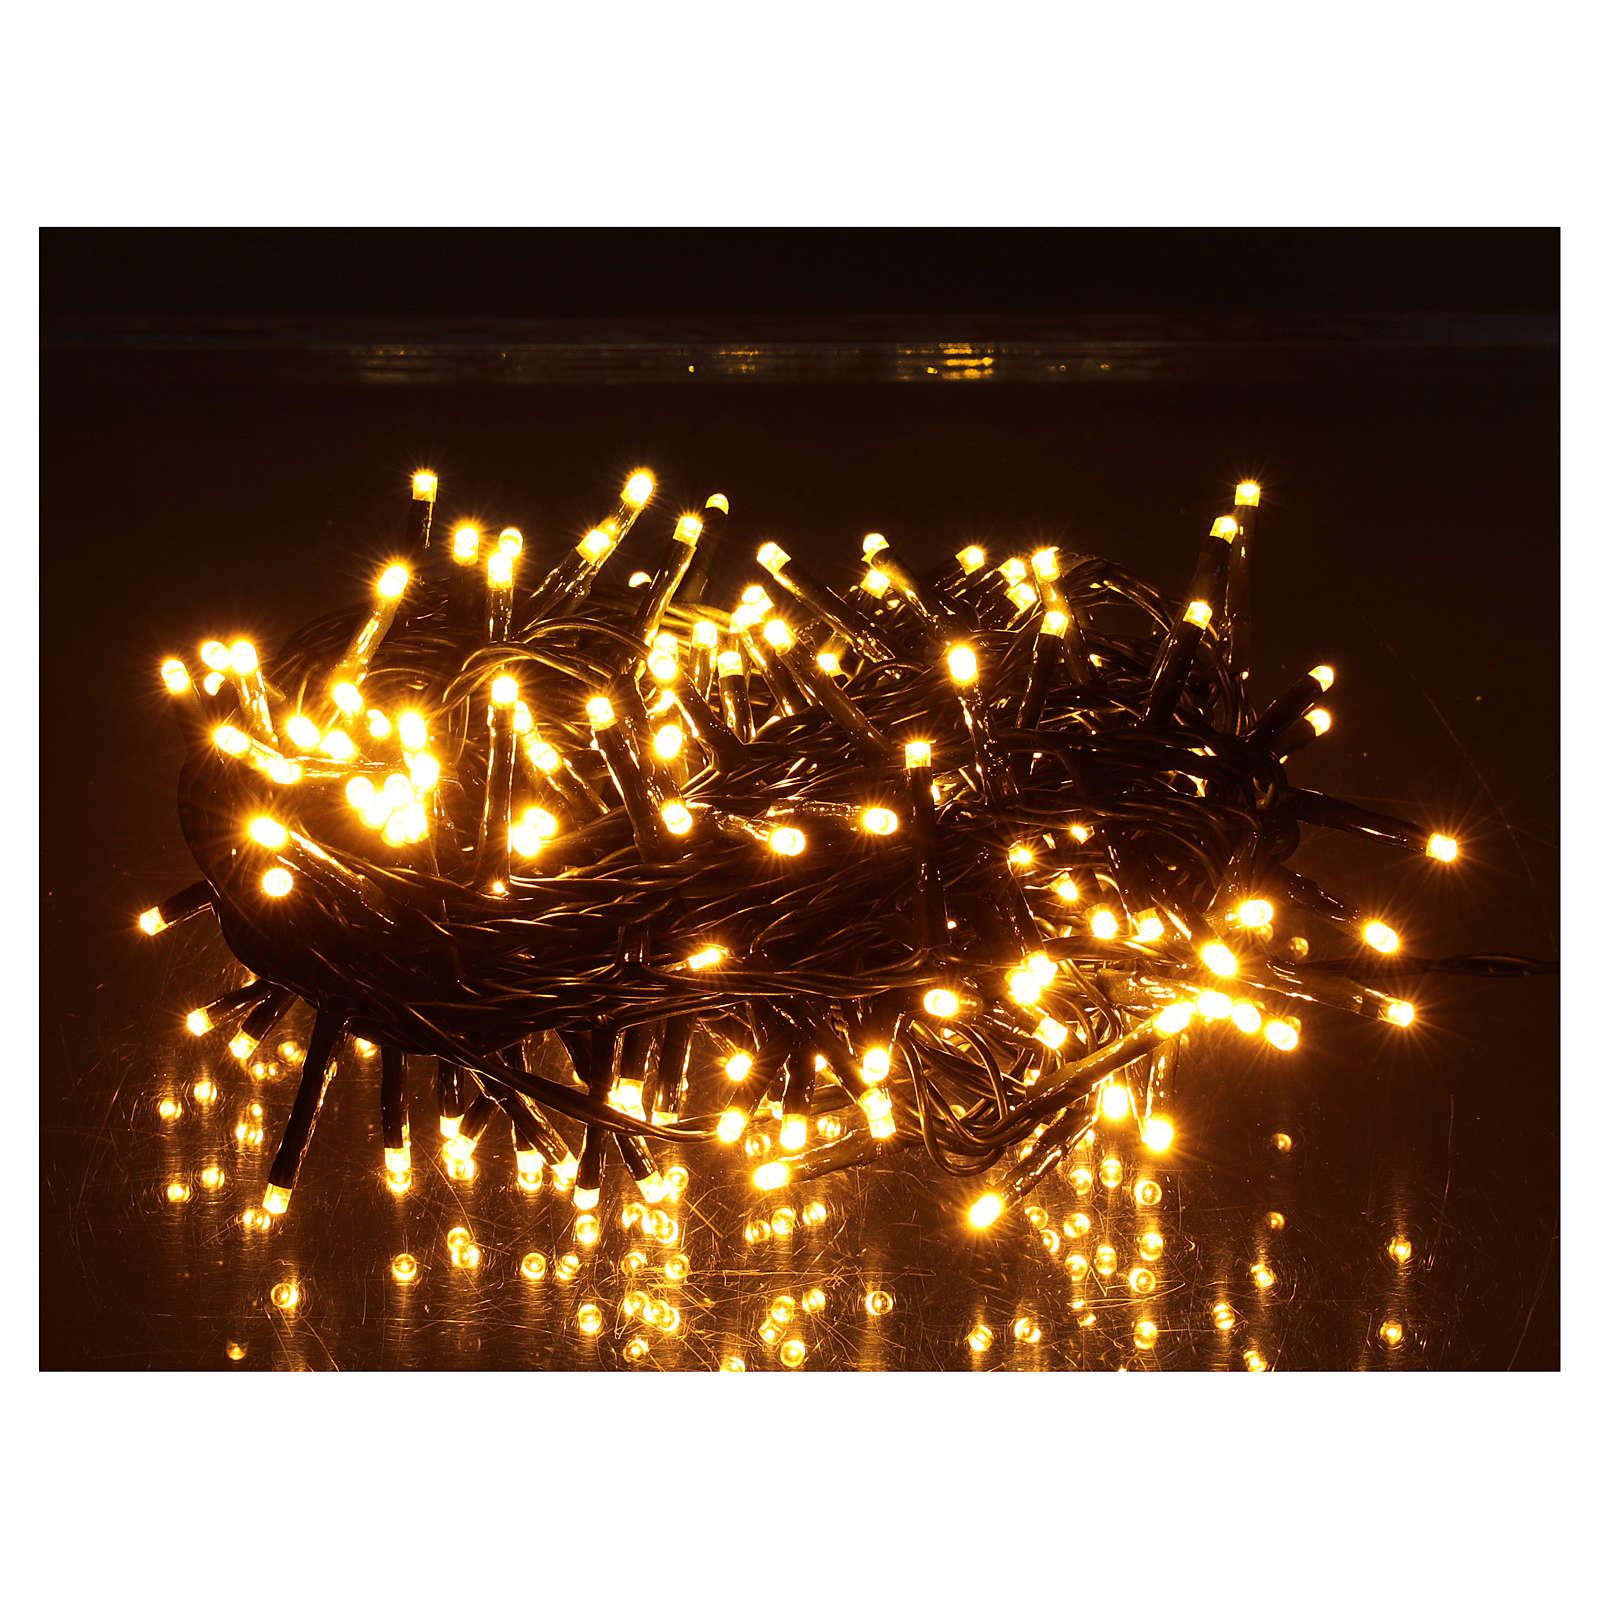 Guirlande lumineuse 200 LED blanc chaud ambré télécommande pour extérieur 220V 3